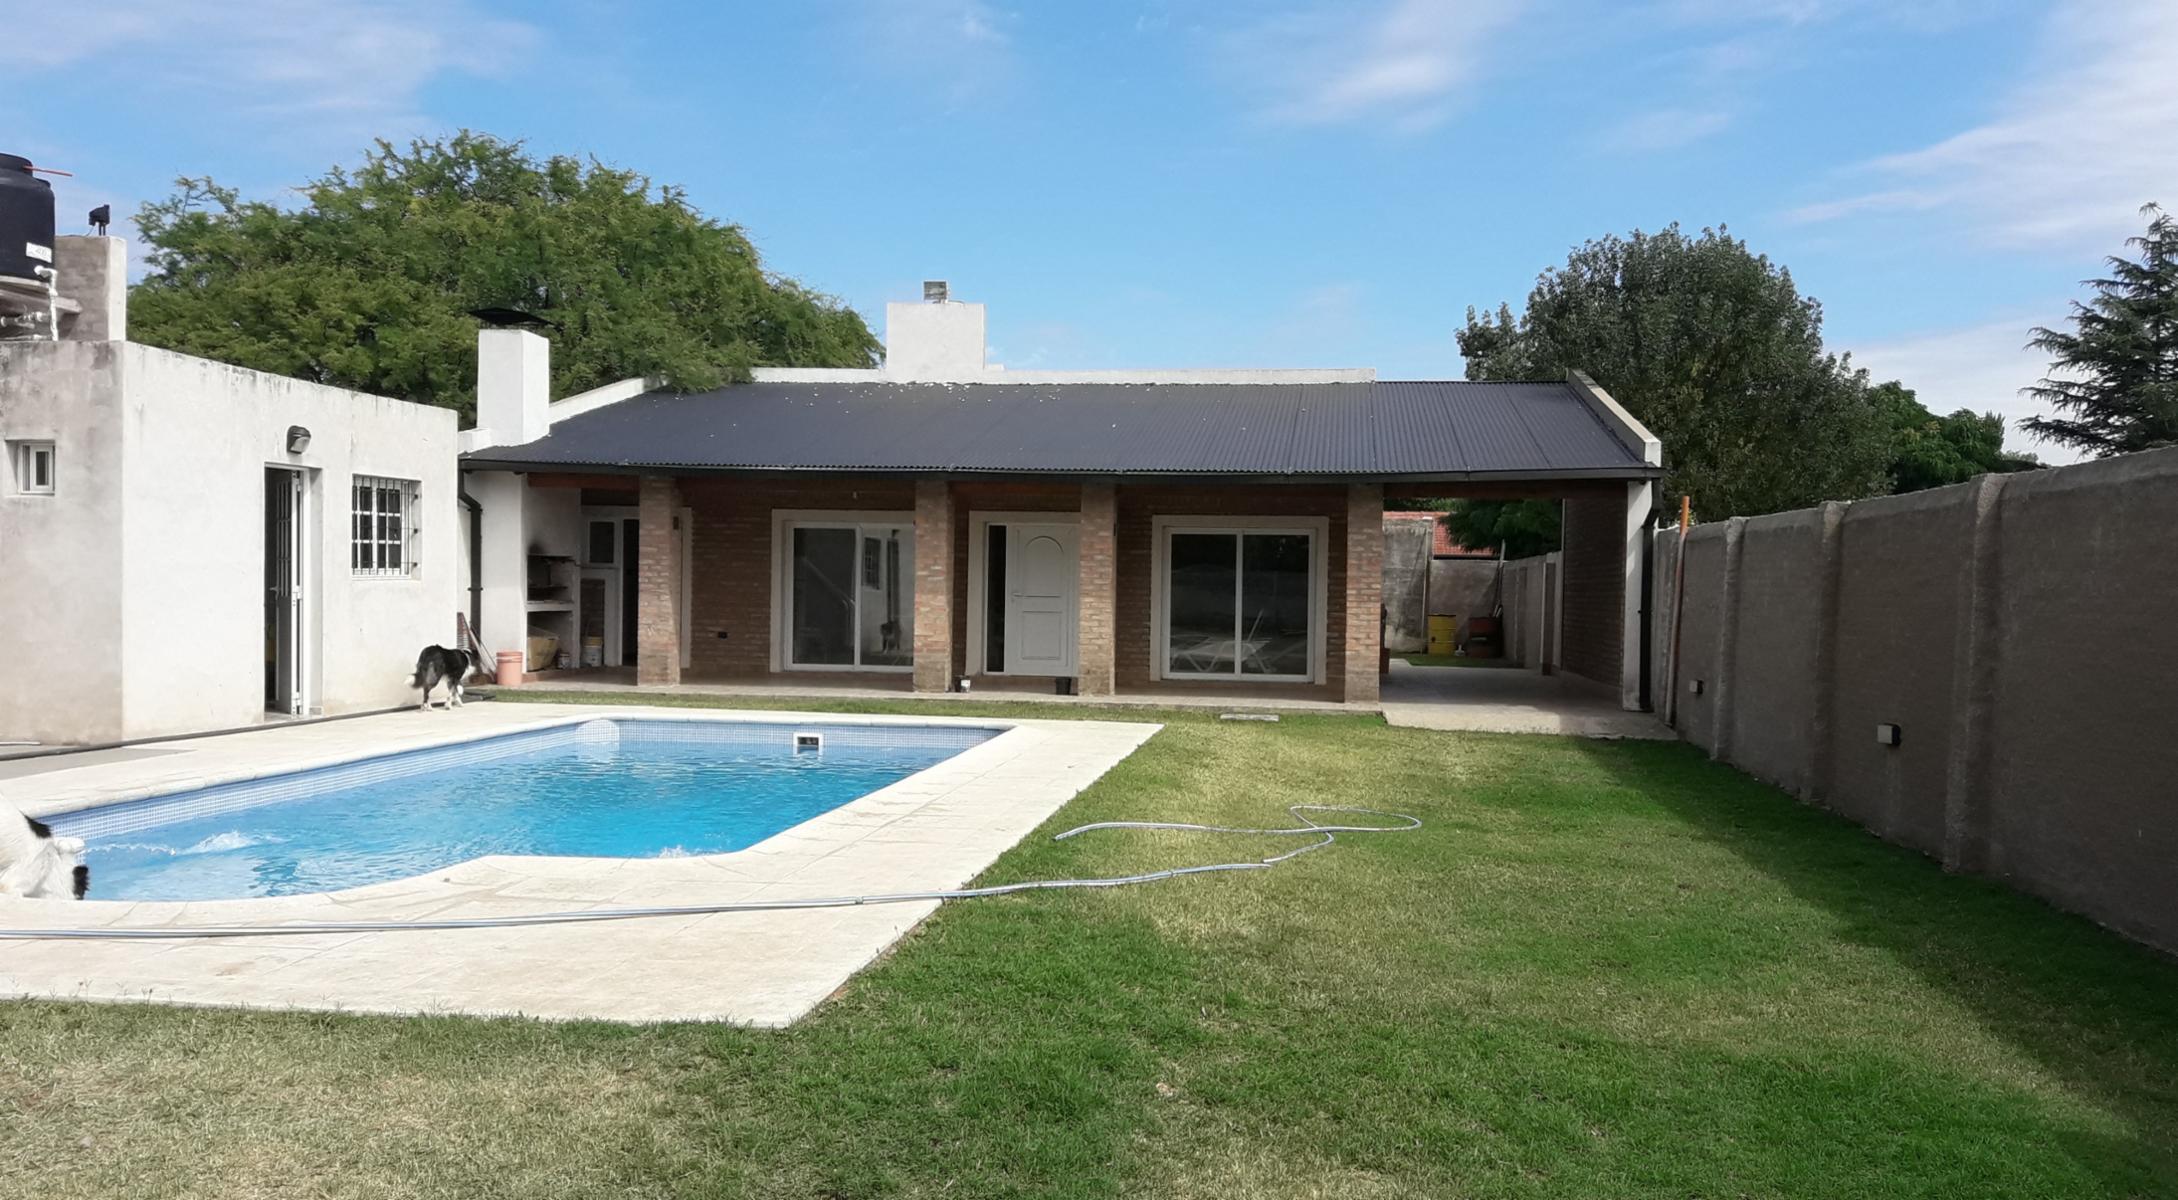 Hermosa Casa Quinta en Lowo Che, Guillermo Sanchez Desarrollos Inmobiliarios